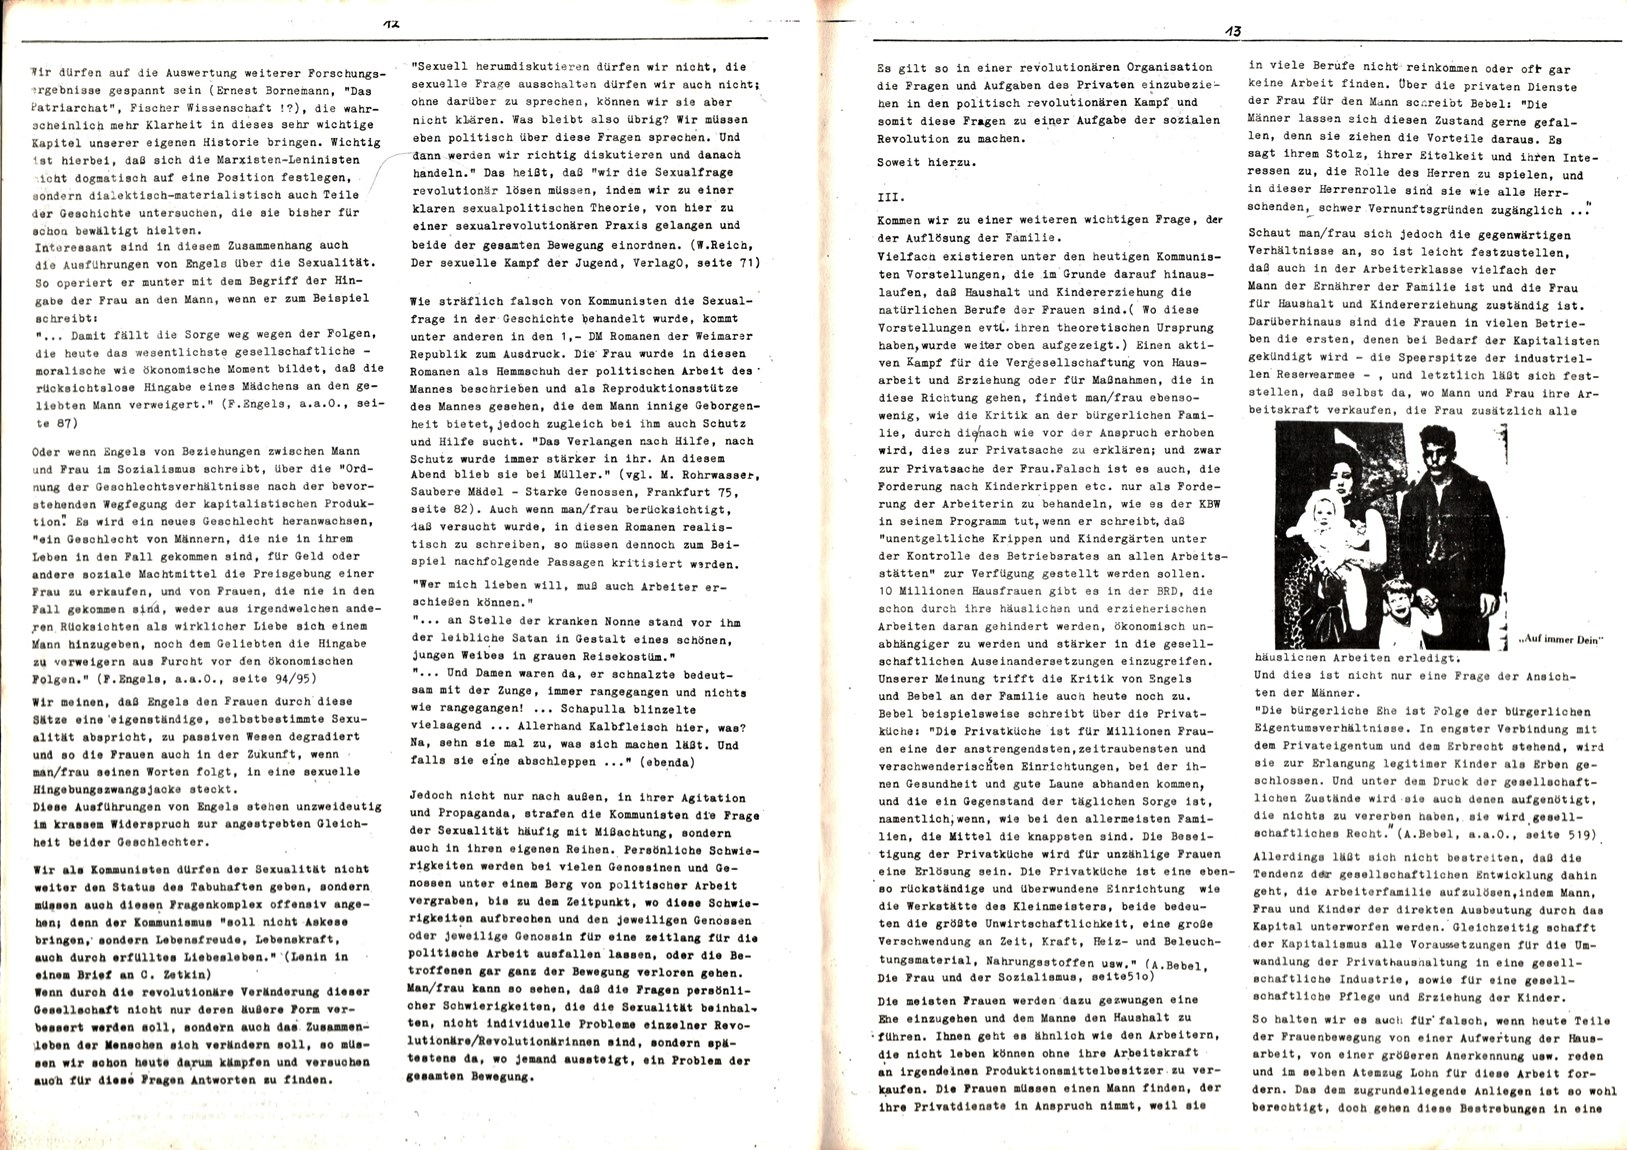 Duesseldorf_KID_Materialien_19780700_007